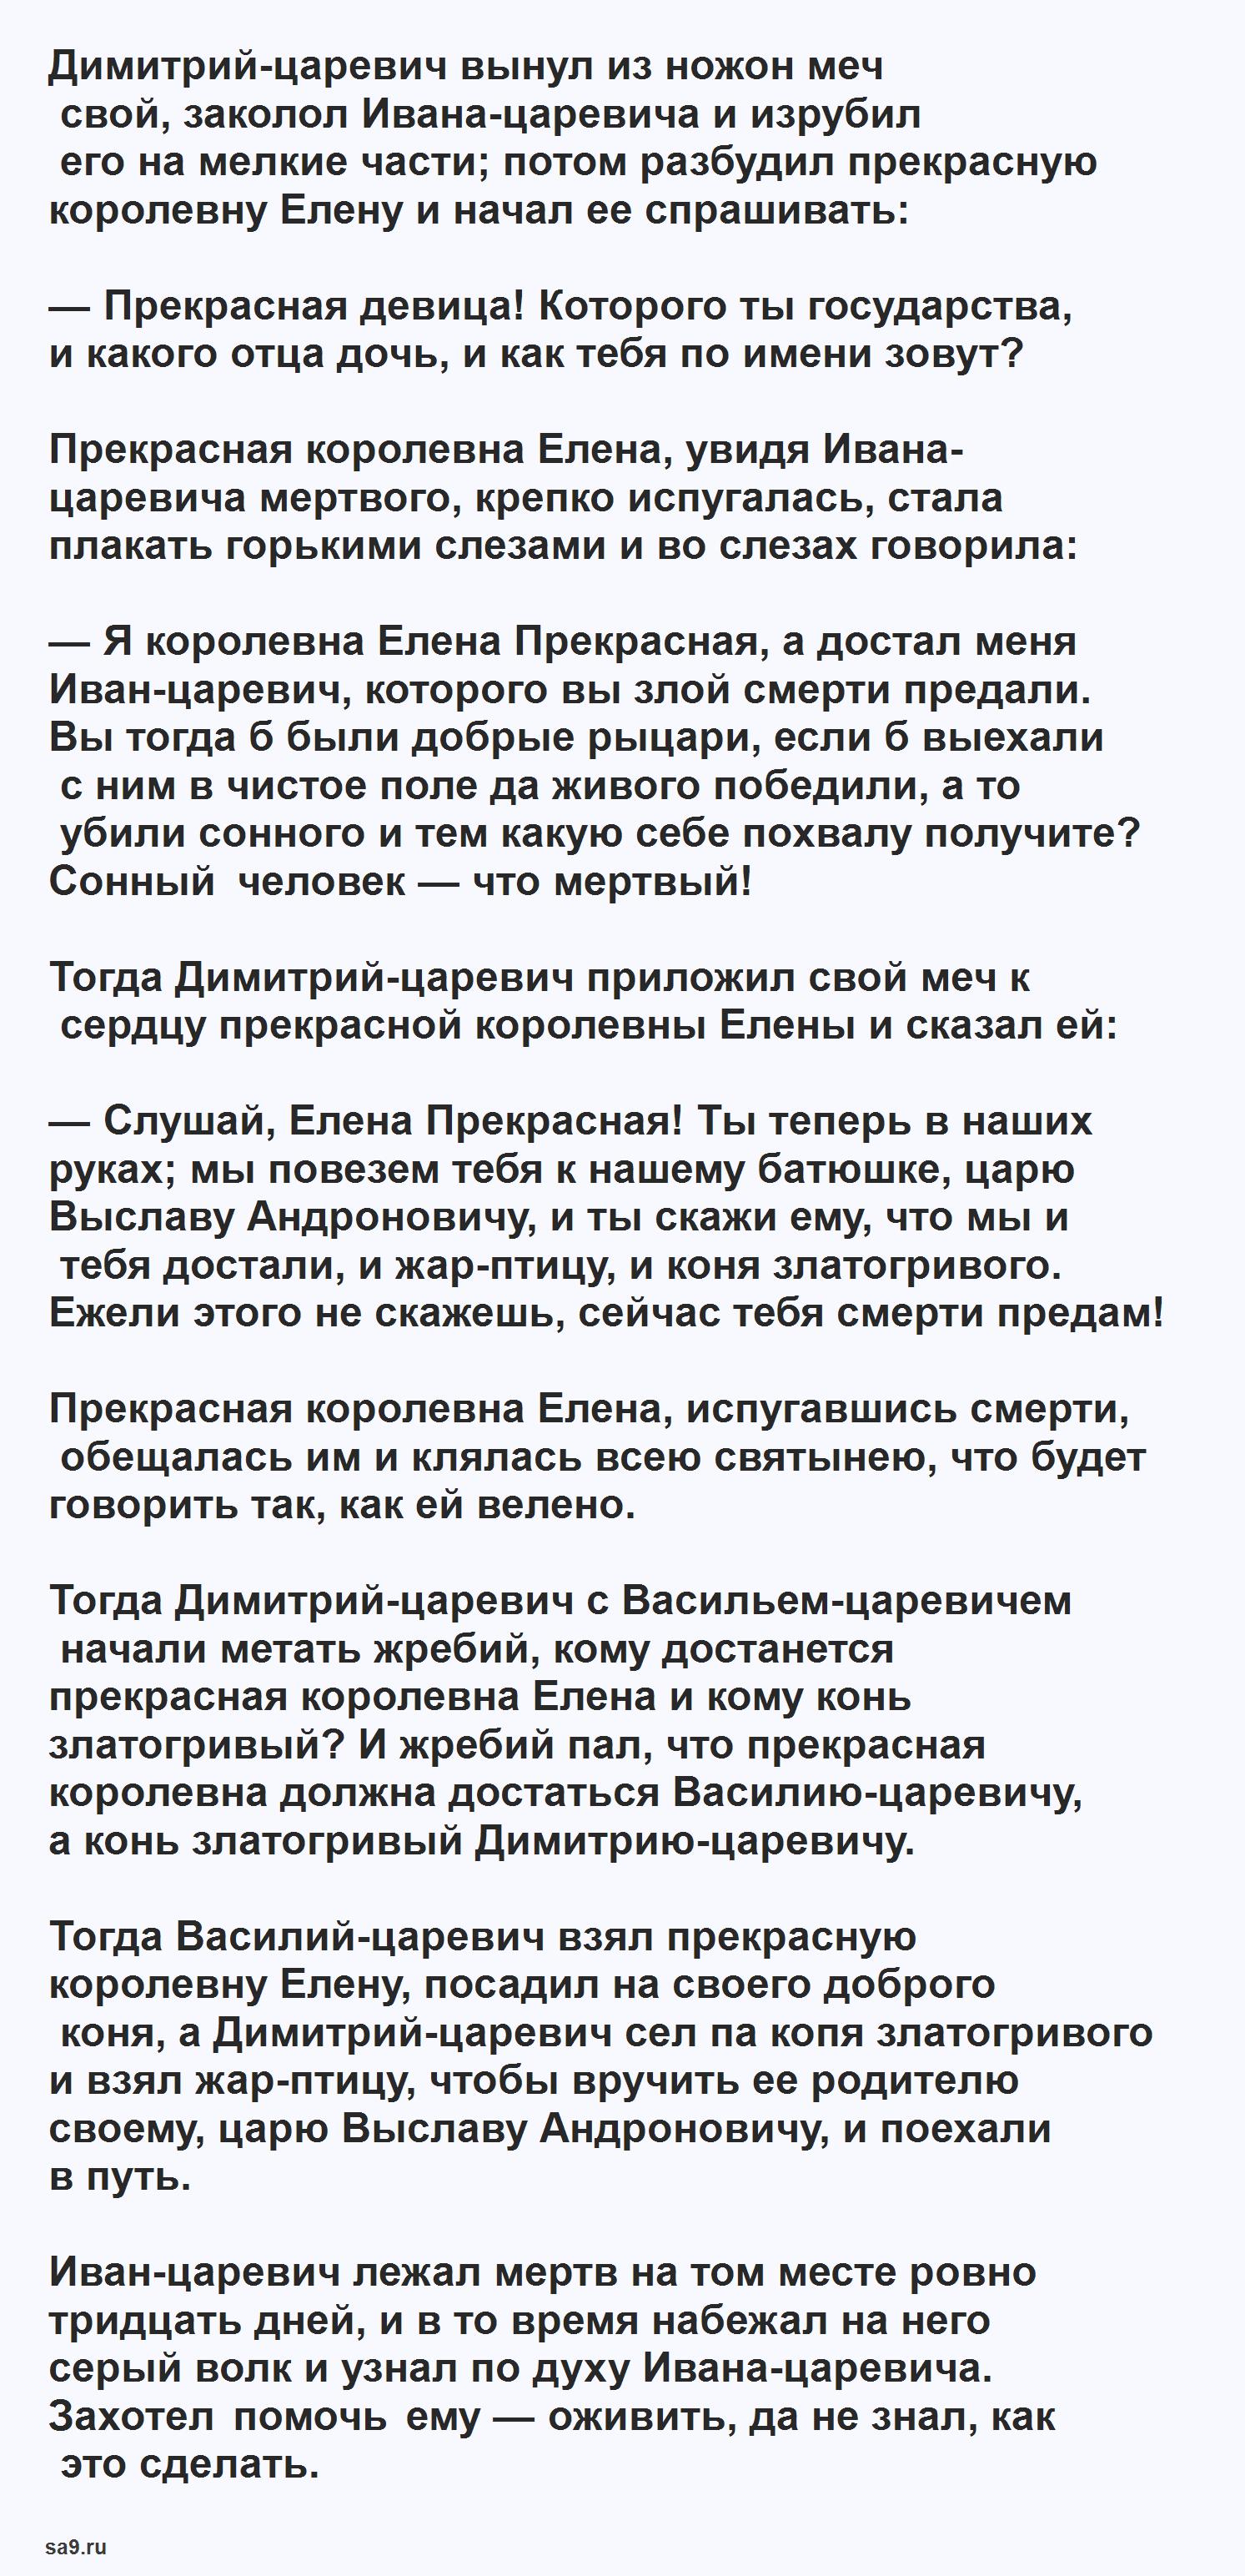 Русская народная сказка для детей – Об Иване царевиче, жар птице и сером волке